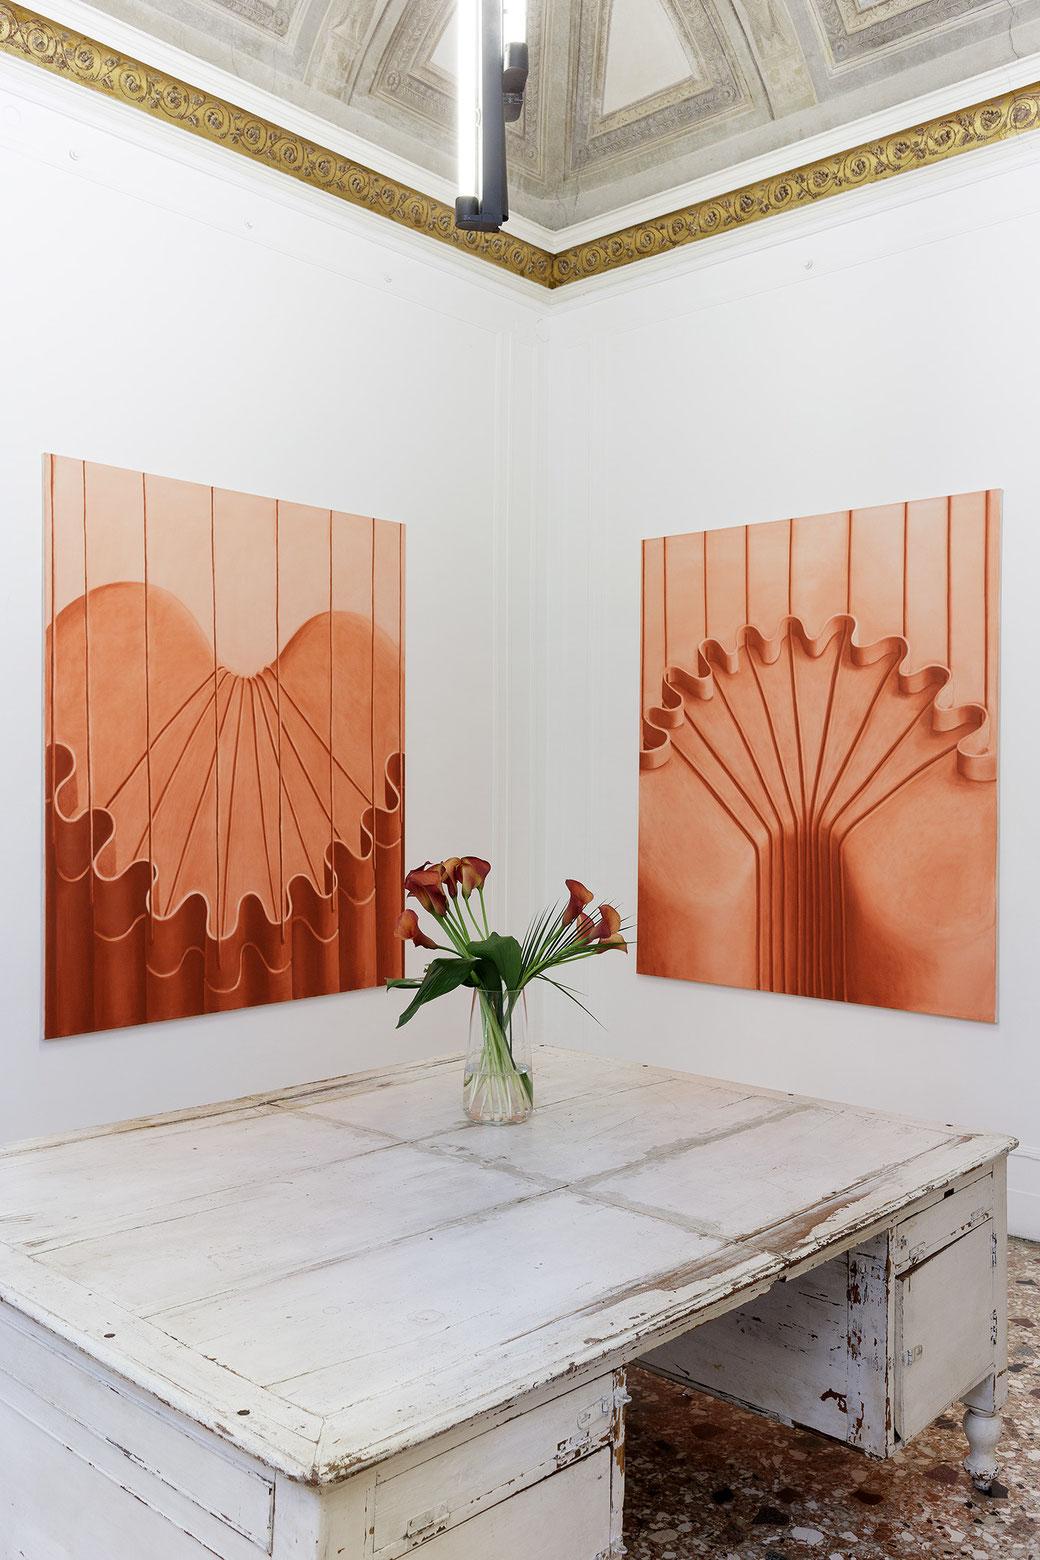 """Pia Krajewski, solo exhibition """"Sight and Touch"""" 2021, Artuner Milano, oT (Apparat Back) 2021, oil on canvas, 180x150cm,oT (Apparat) 2021, oil on canvas, 180x150cm, Foto: Filippo Armellin"""